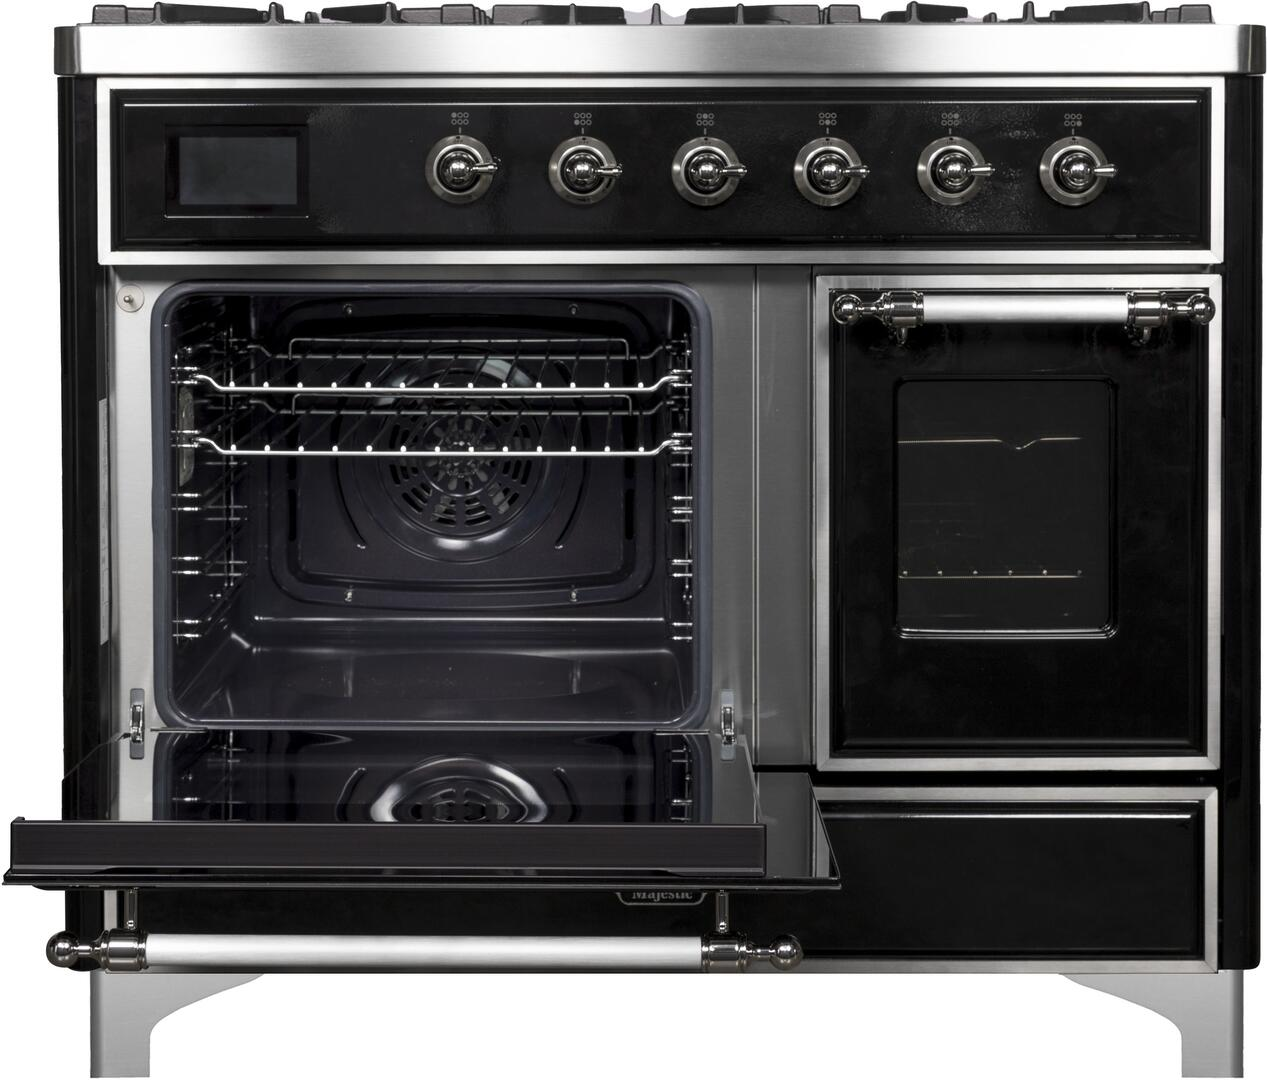 Ilve Majestic II UMD10FDNS3BKCLP Freestanding Dual Fuel Range Black, UMD10FDNS3BKC Main Oven Door Opened